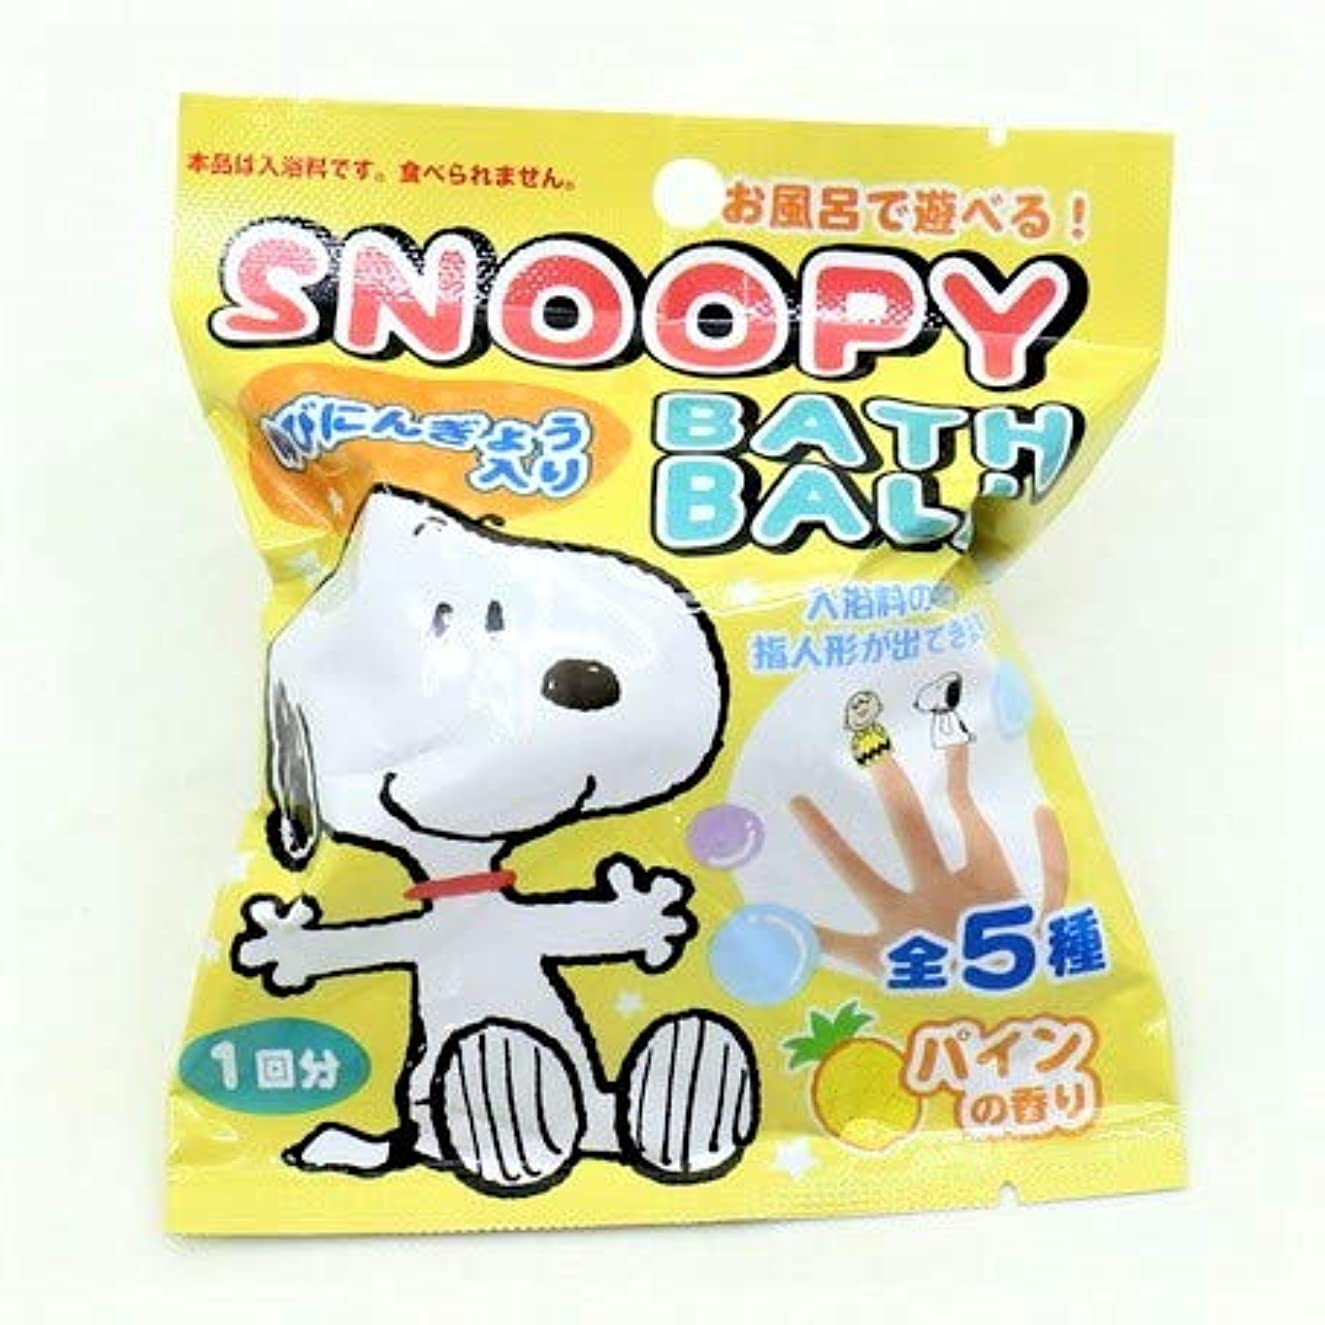 病気の普通に死スヌーピー バスボール 入浴剤 パインの香り 6個1セット 指人形 Snoopy